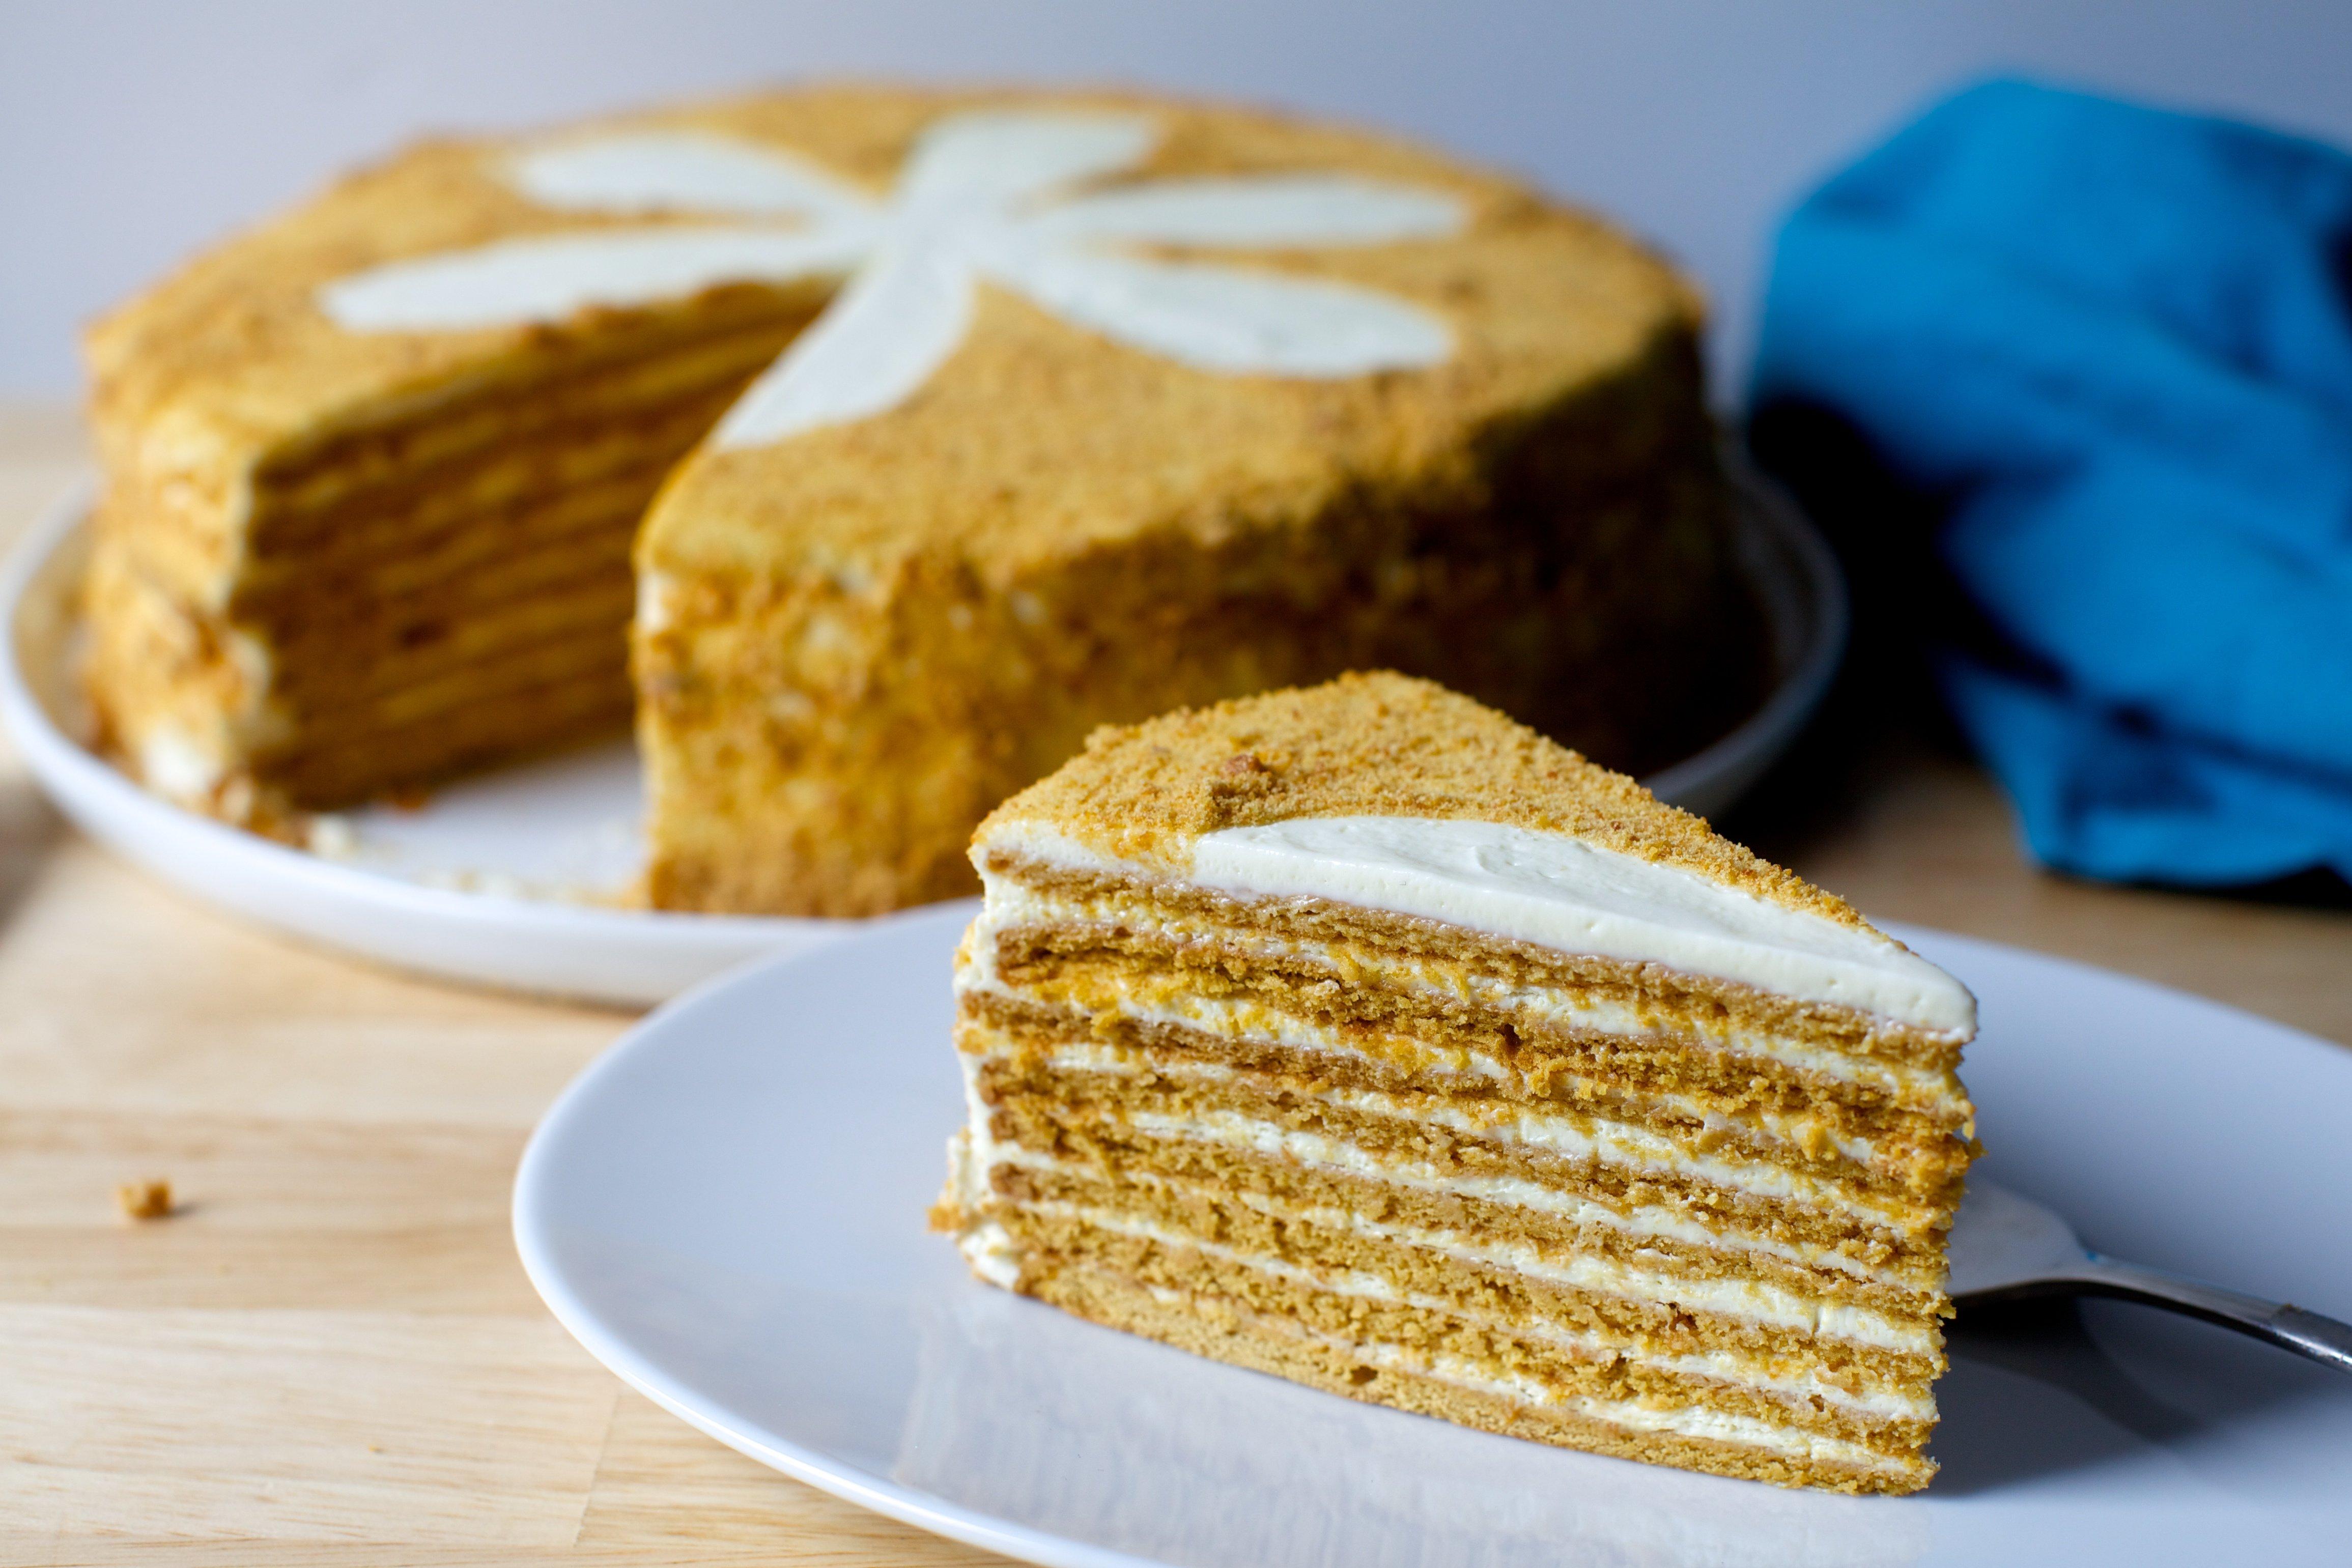 классический рецепт медового торта фото выставки хотят выяснить